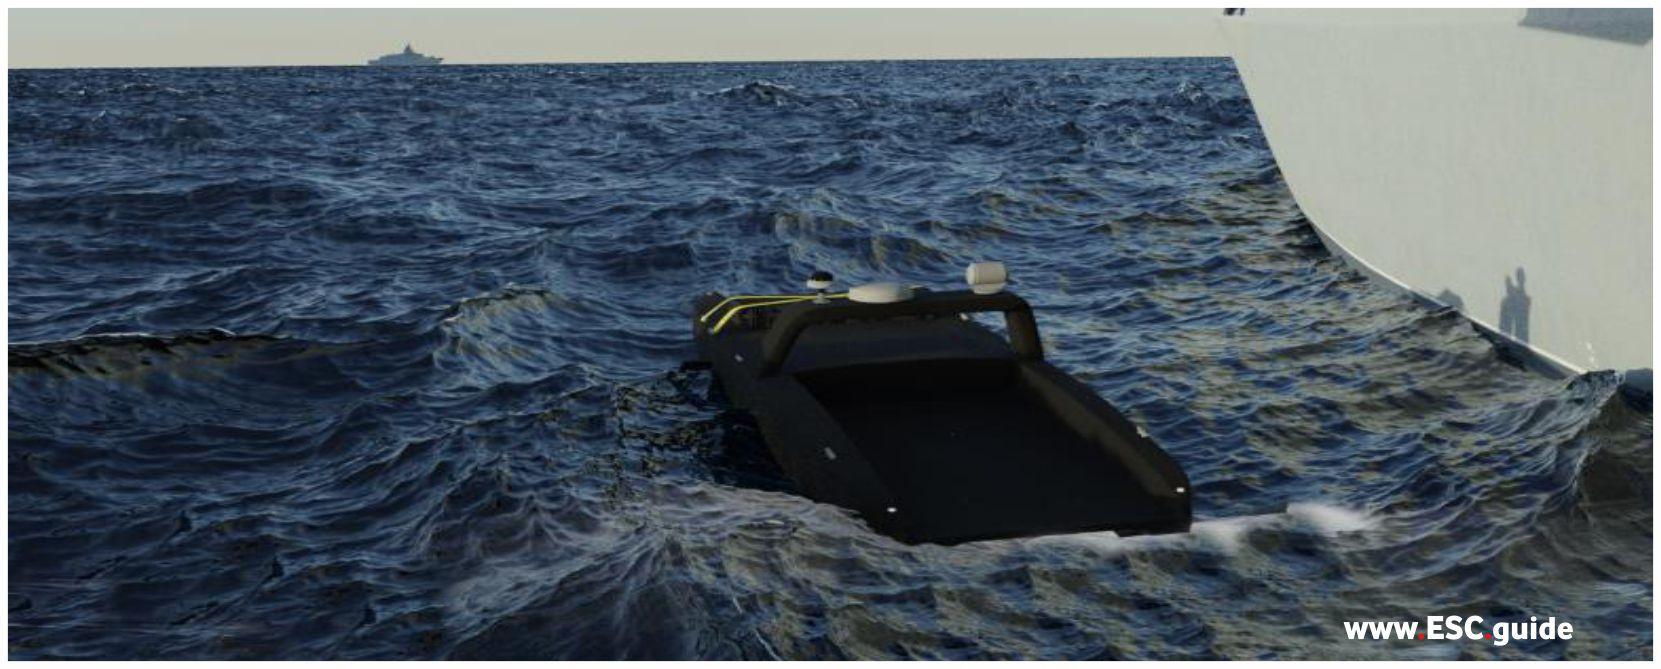 MANTAS autonomously heads out to next ship.